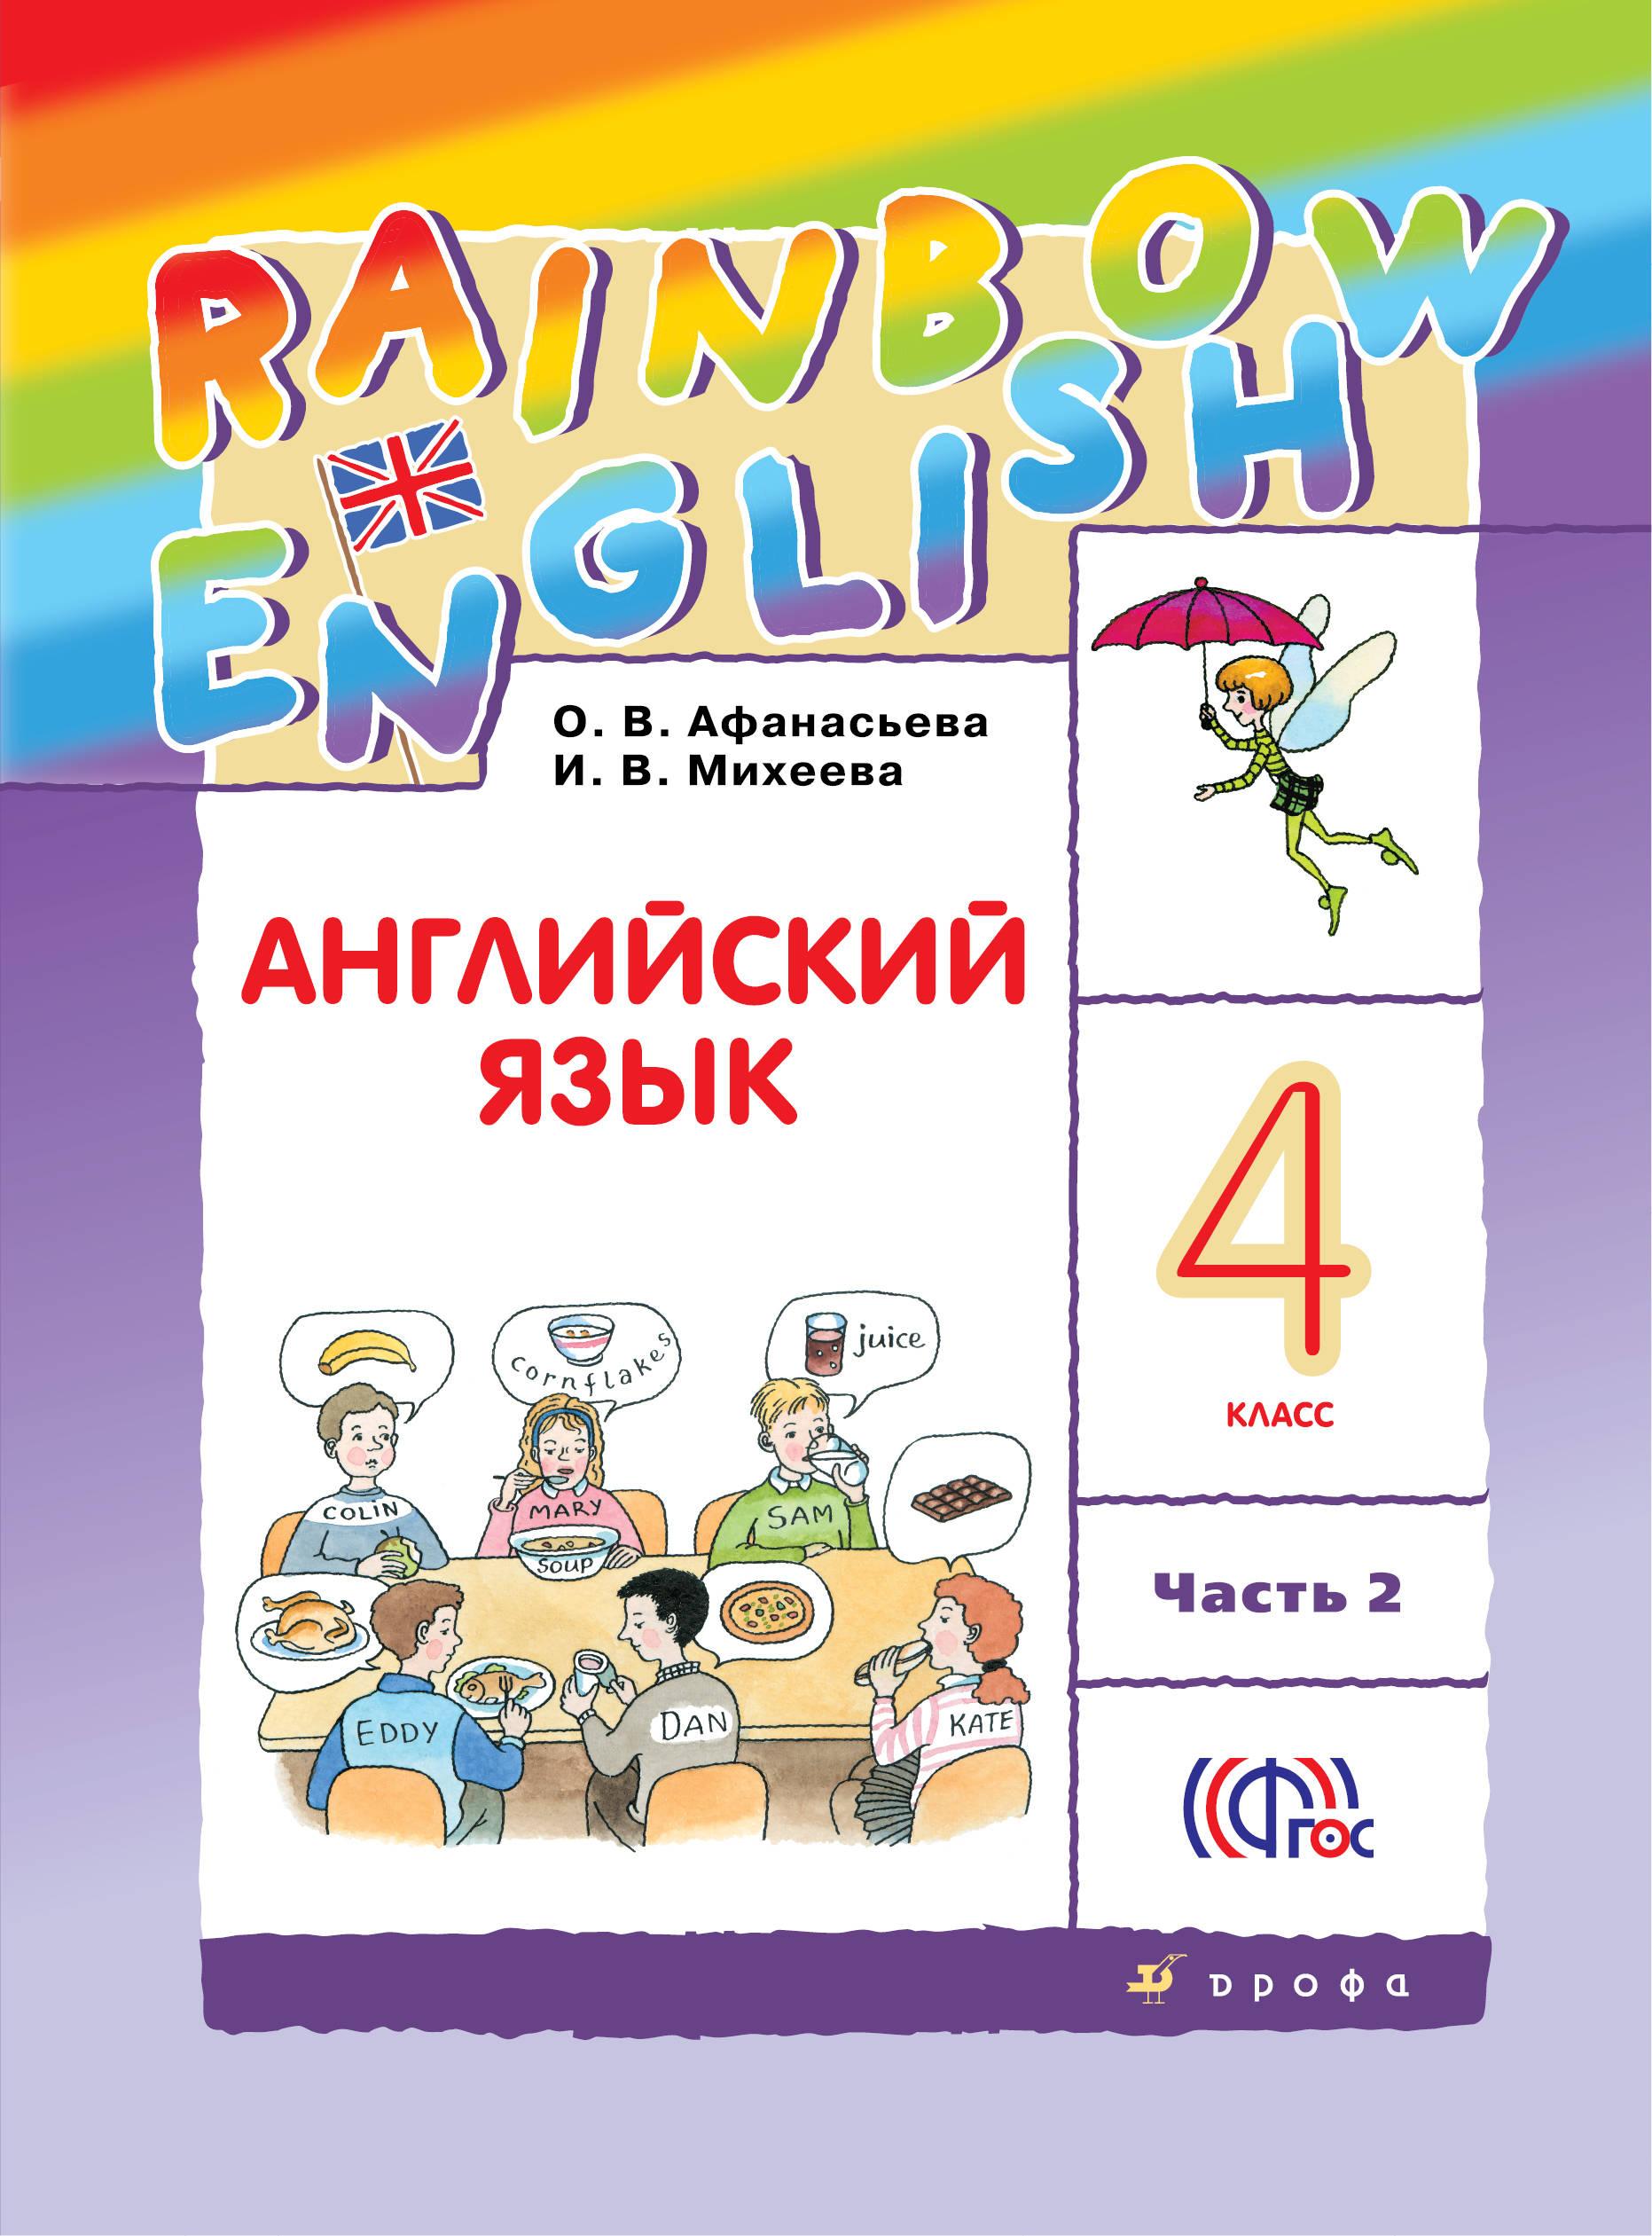 О. В. Афанасьева, И. В. Михеева Английский язык. 4 класс. Учебник. В 2 частях. Часть 2